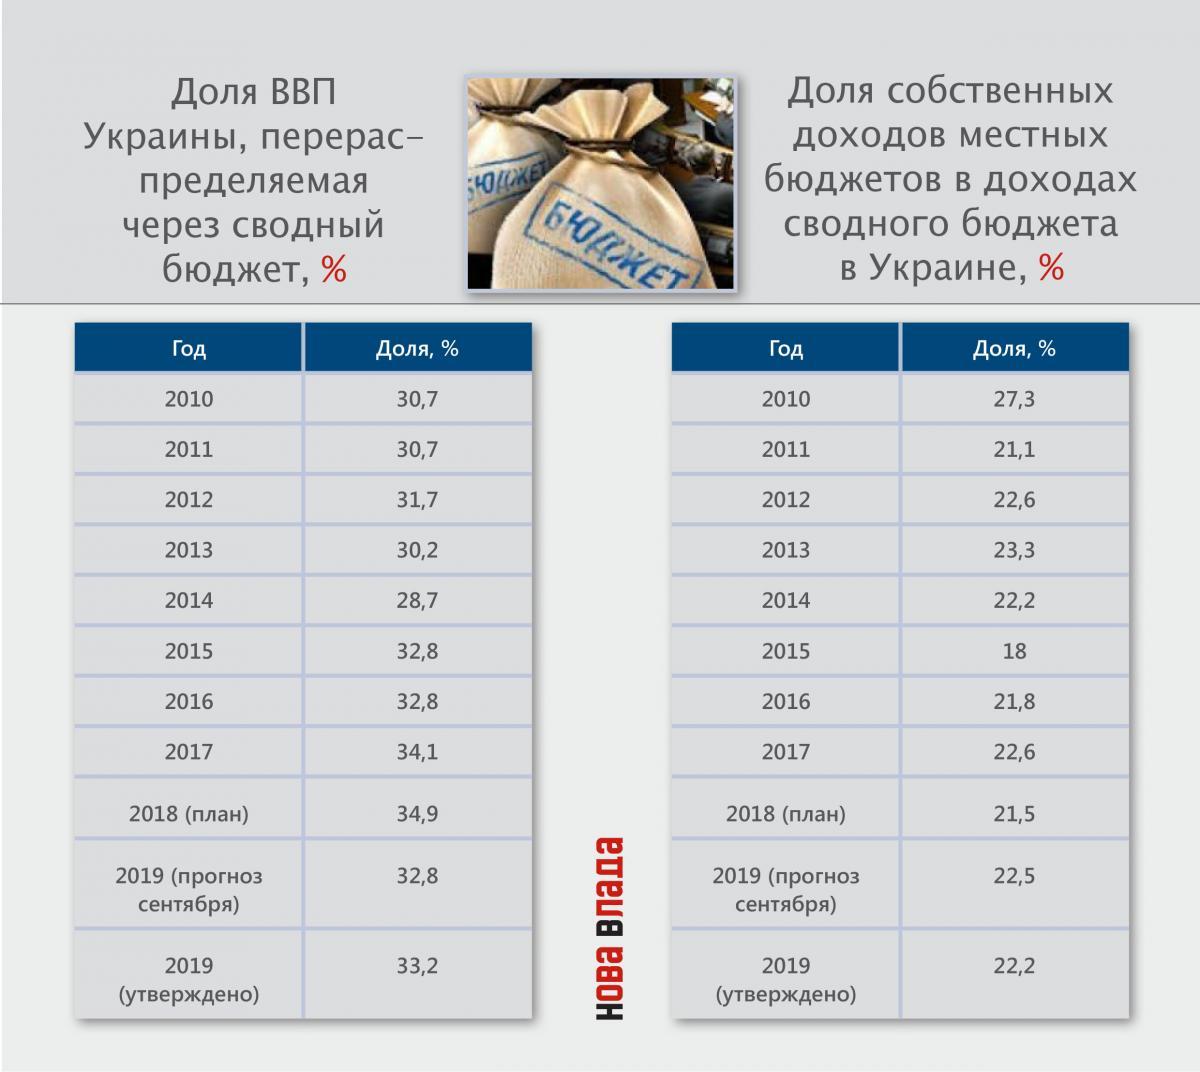 dolyavvp_mestn_vbudg_2010_2019_plan.jpg